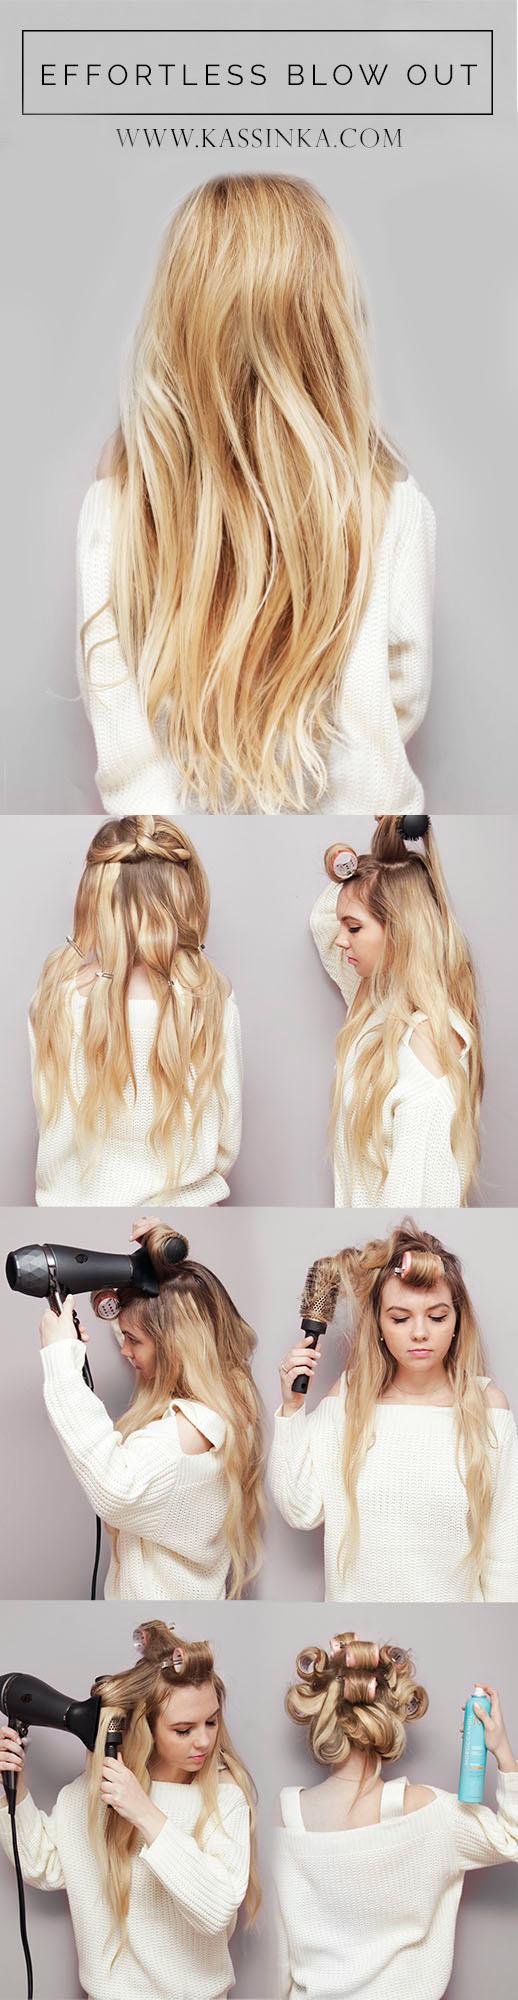 Effortless-Blow-Out-Hair-Tutorial-Kassinka